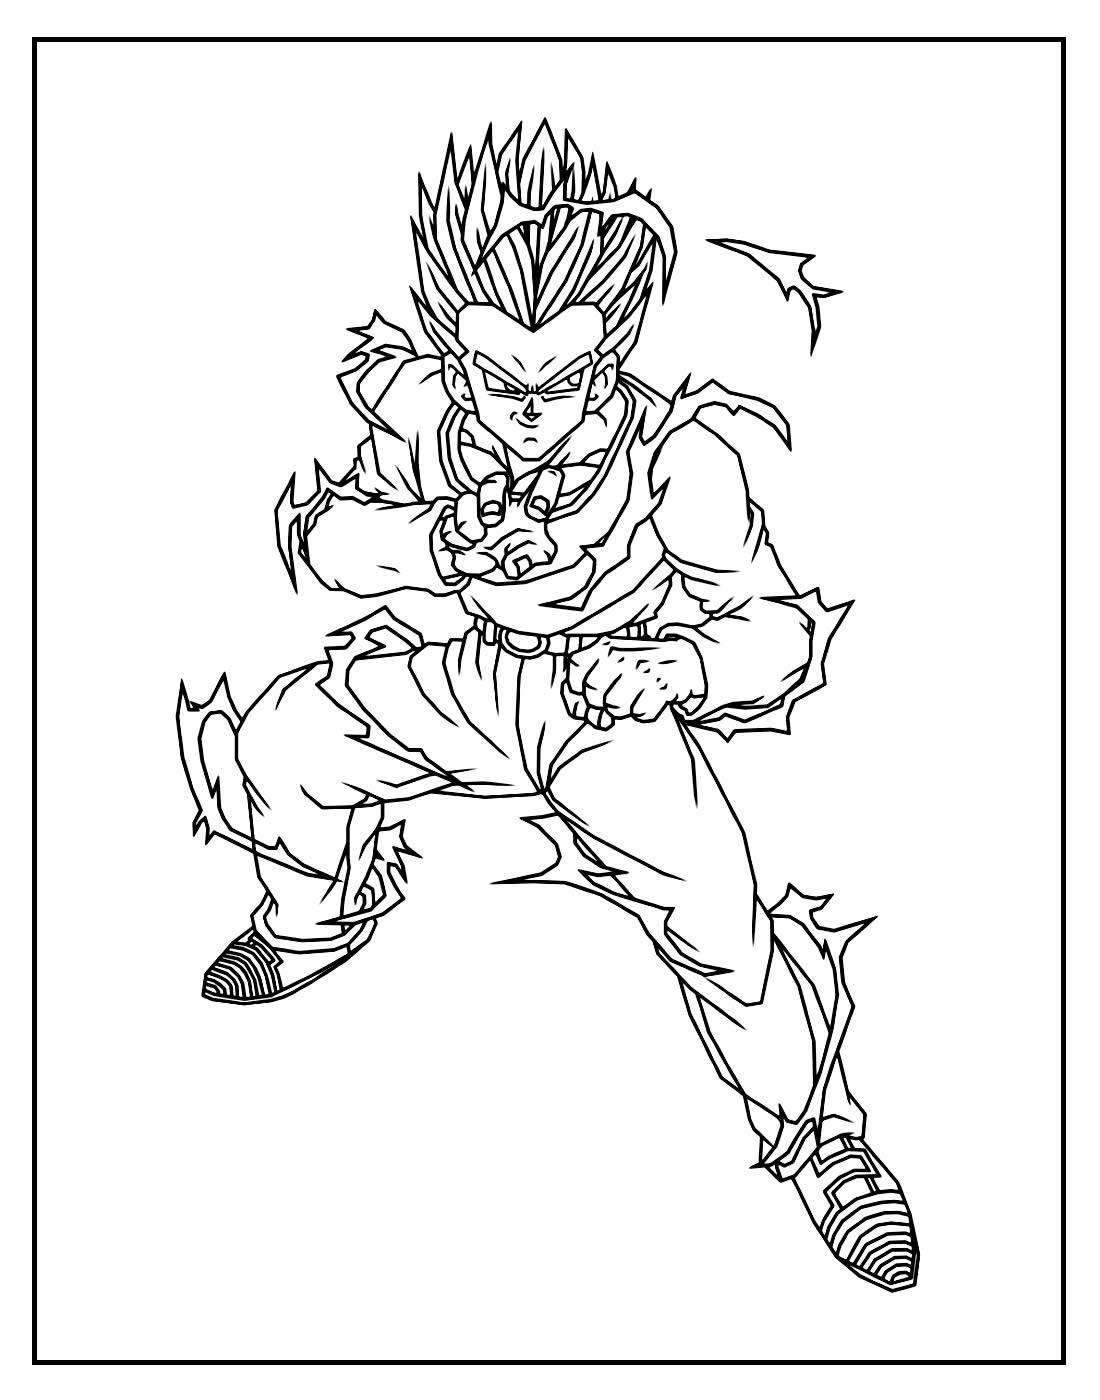 Página para pintar de Dragon Ball Z